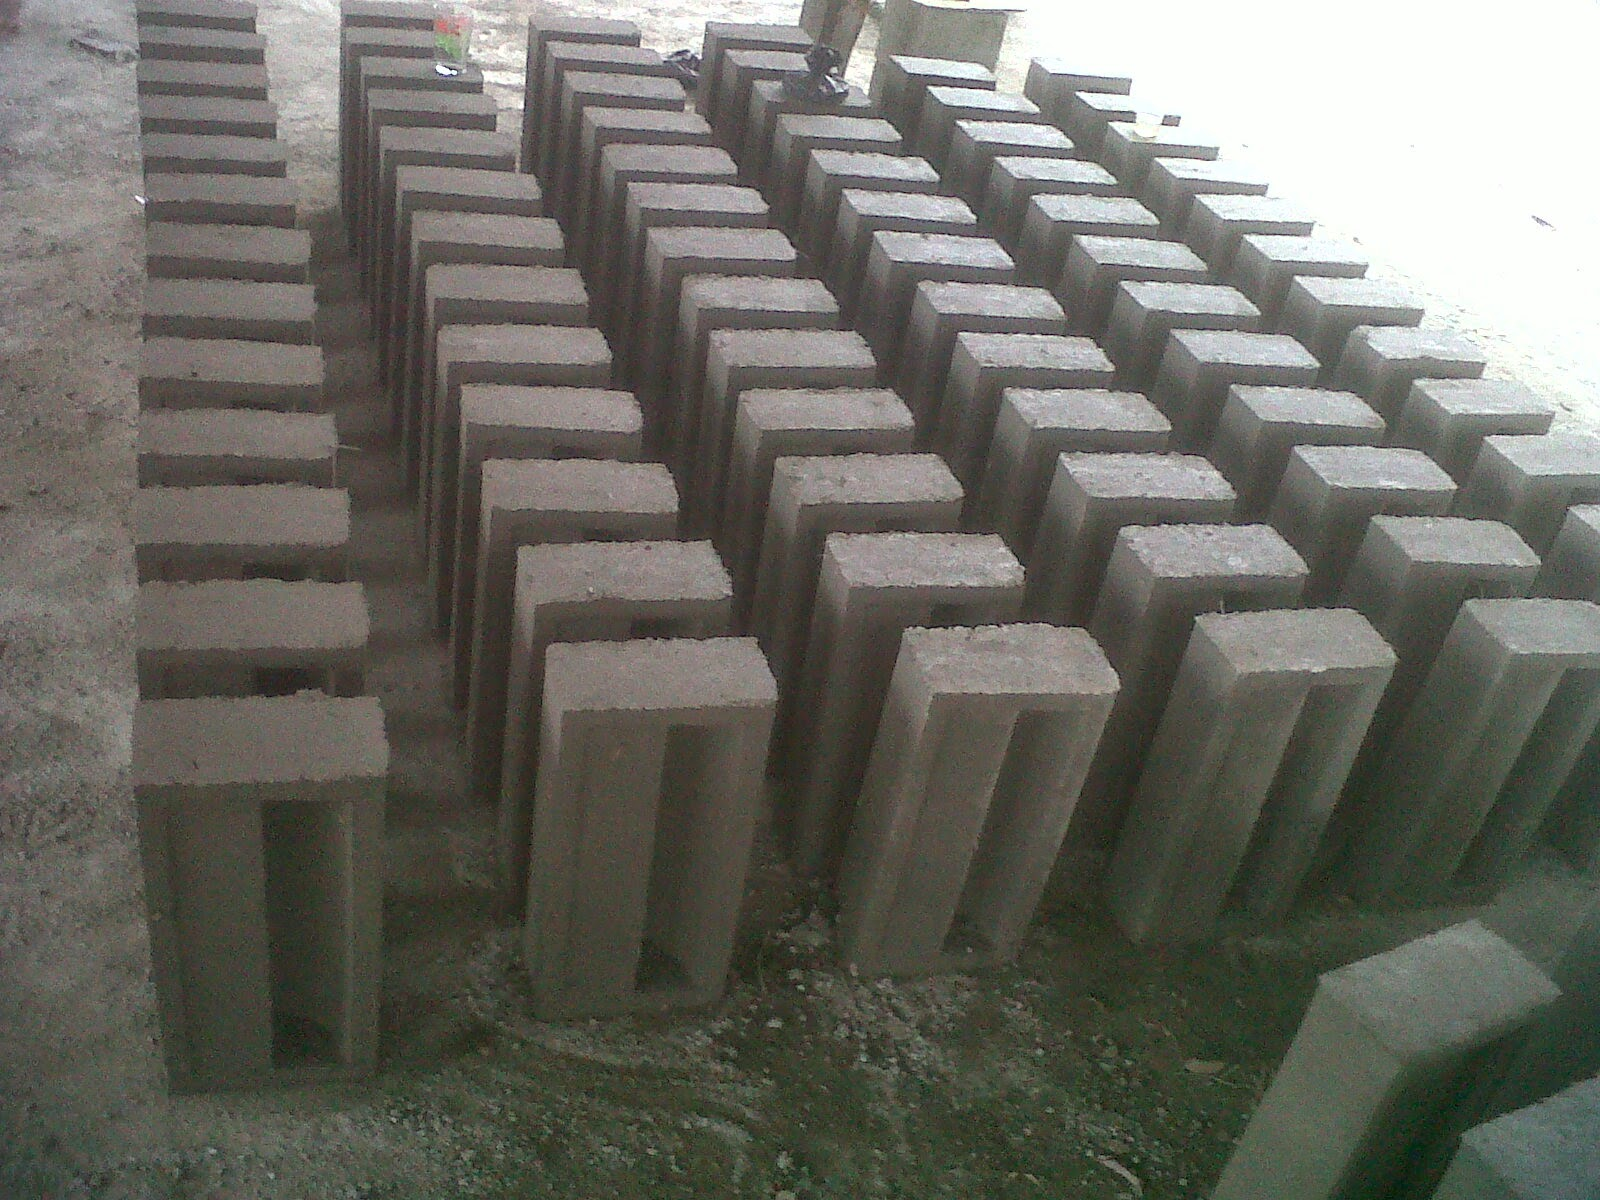 röser beton mittelfischach